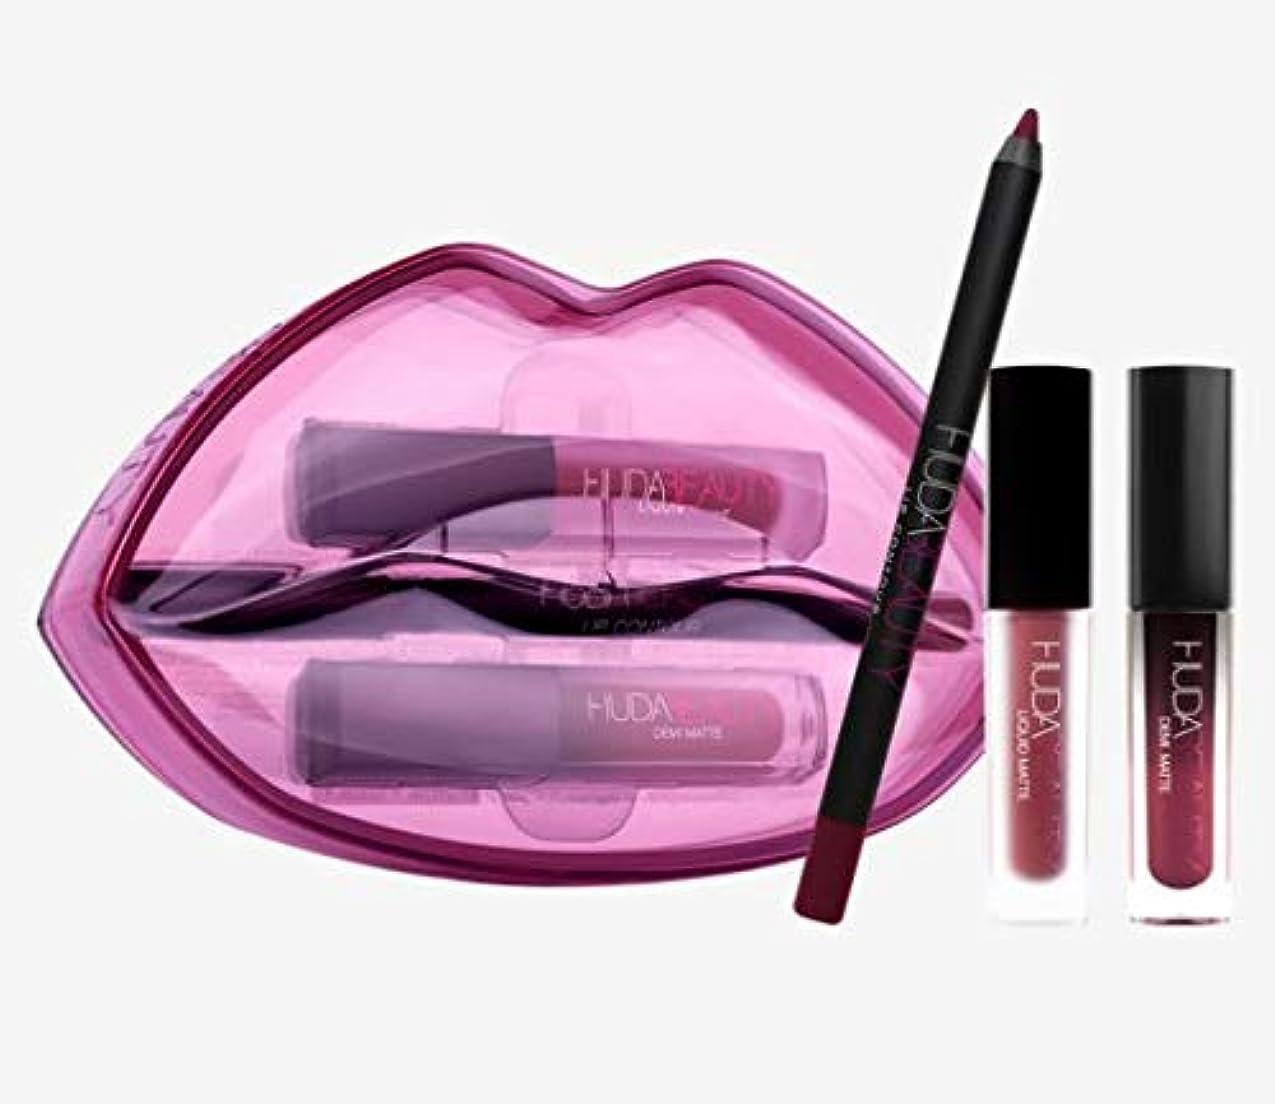 ディスコ表向き違反するHudabeauty Matte & Cream Lip Set Bawse & Famous リップセット マットリップ